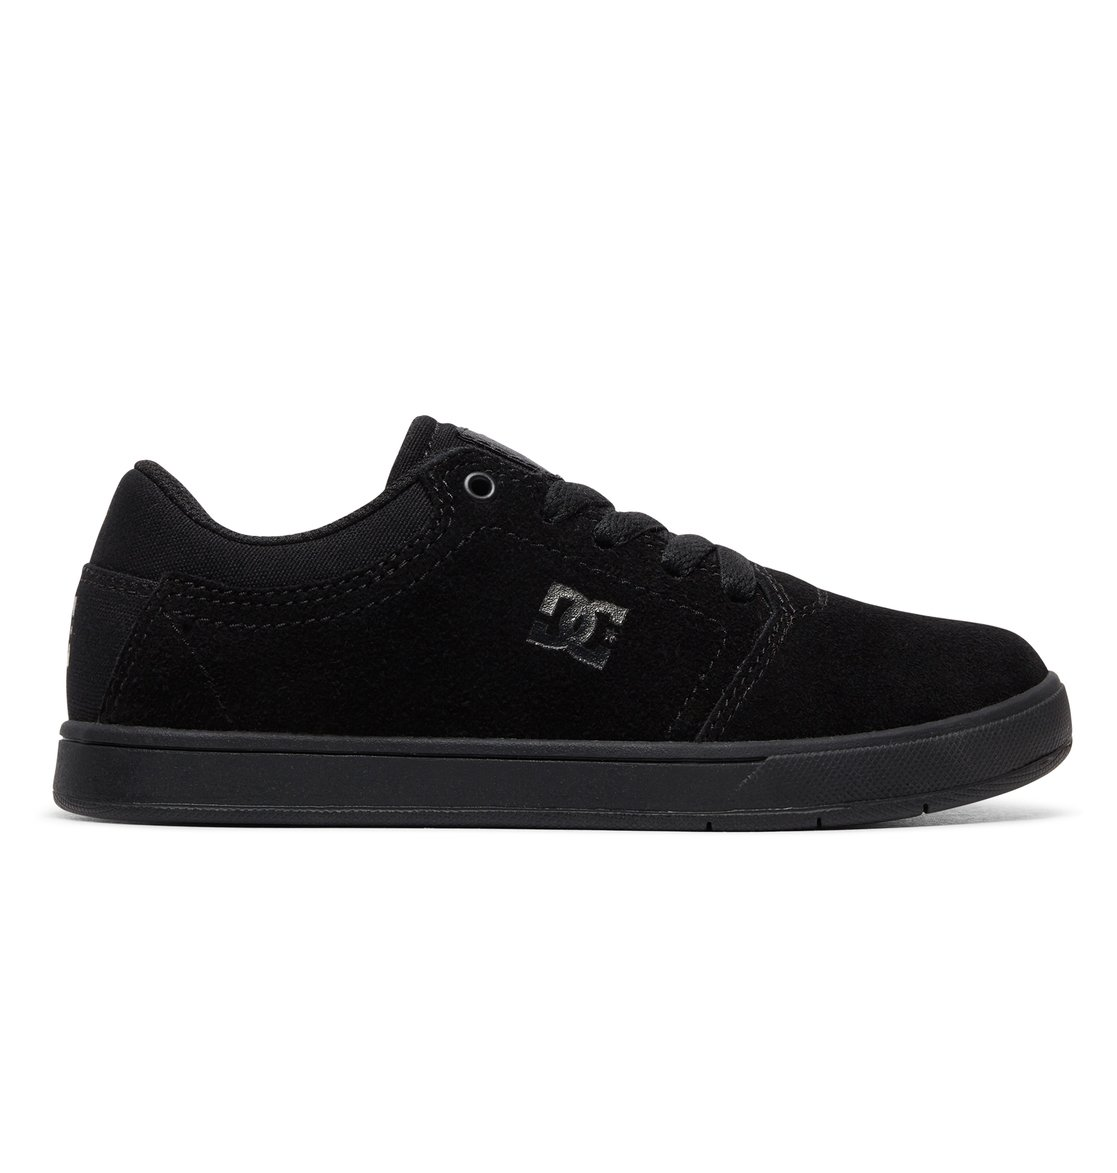 3fae532838 0 Crisis - Schuhe für Jungen Schwarz ADBS100209 DC Shoes